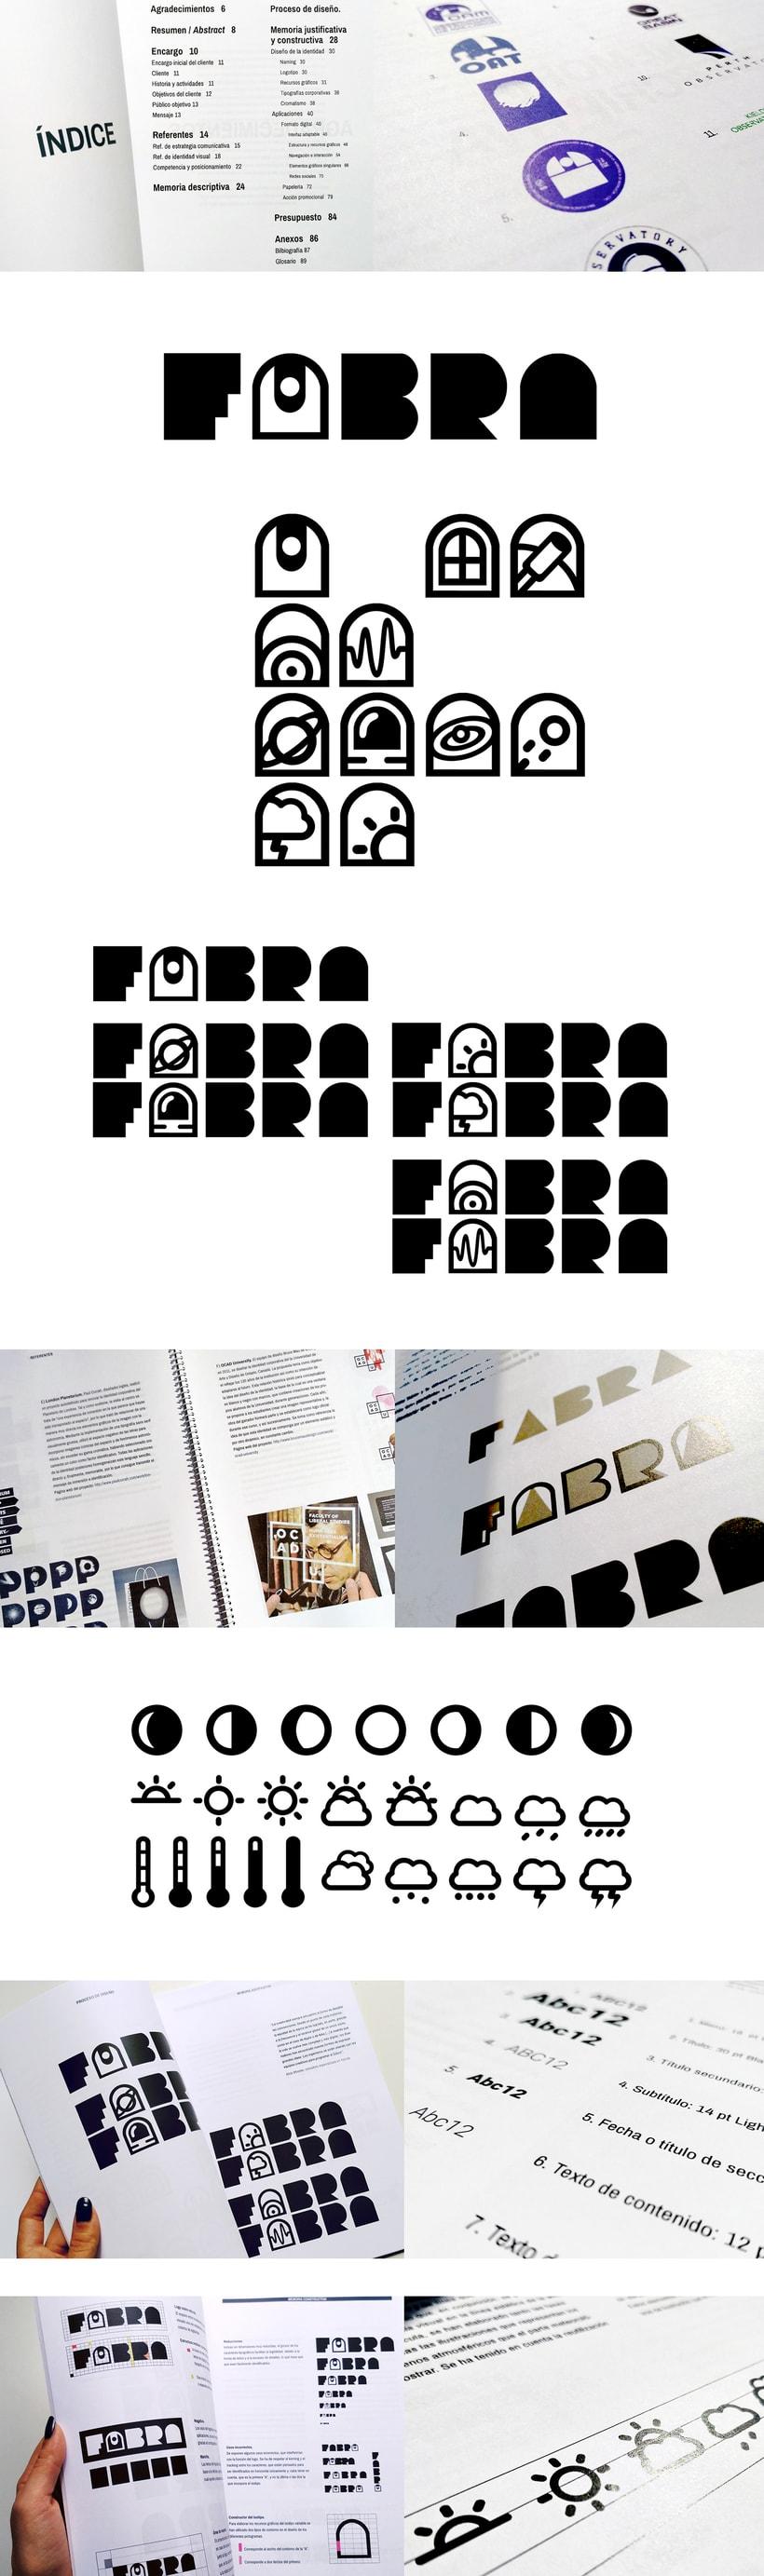 FABRA   /Identidad visual y diseño web 1